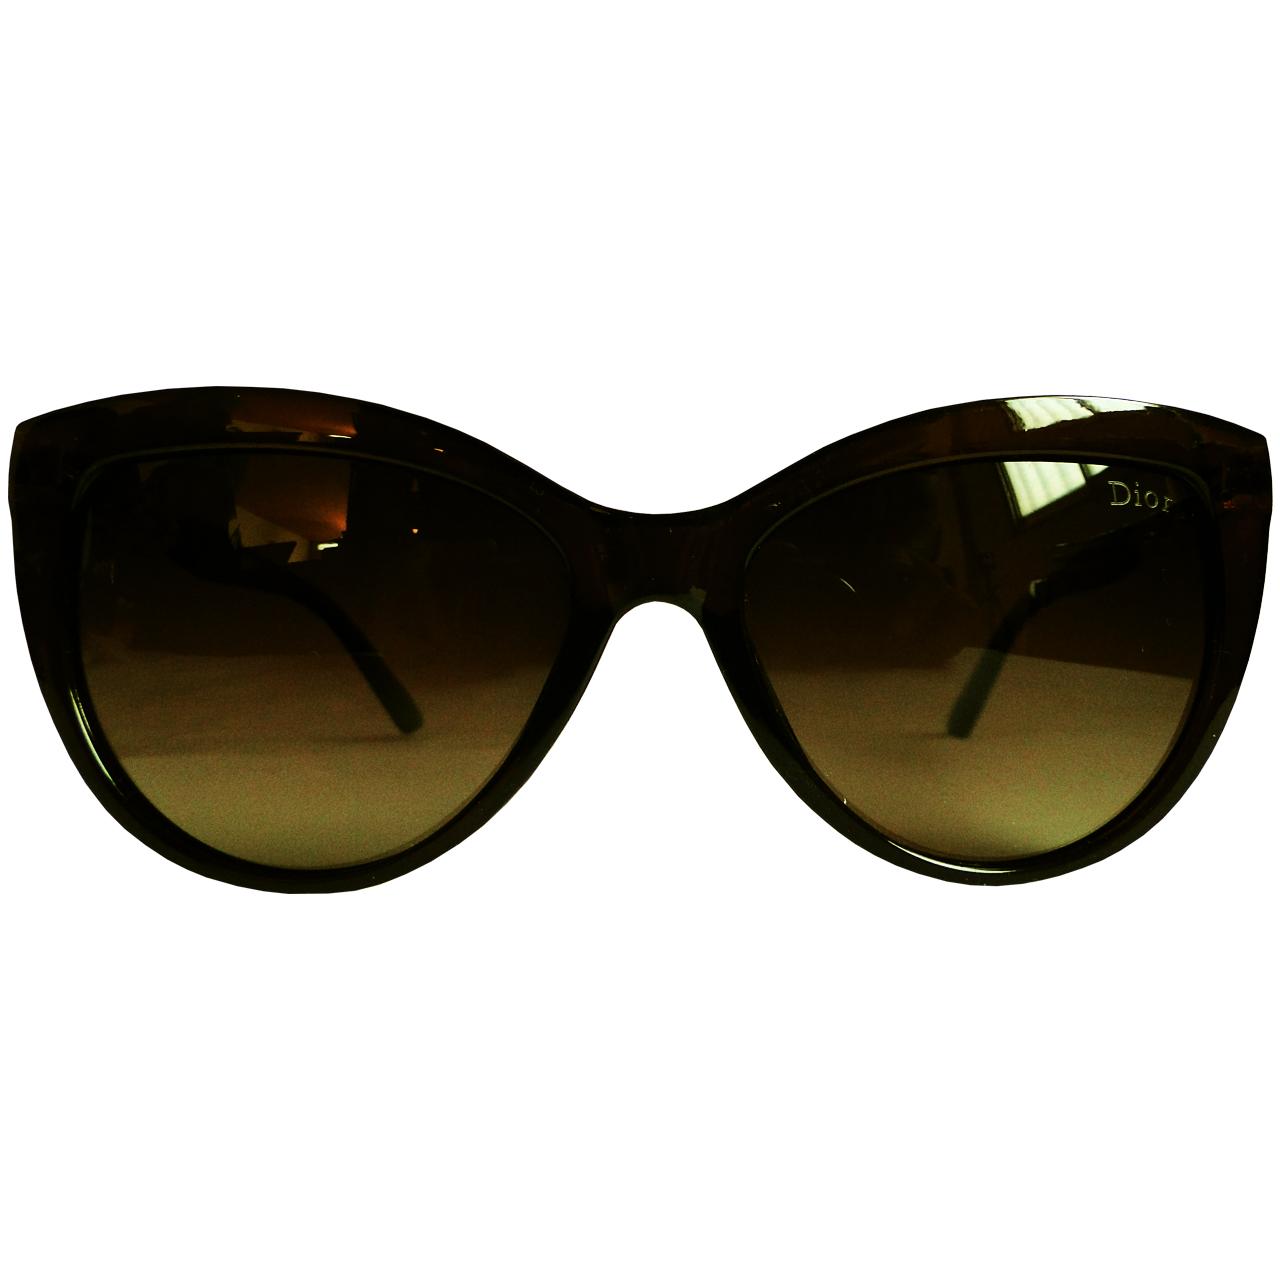 قیمت عینک آفتابی زنانه دیور مدل Dior-Brown-P013